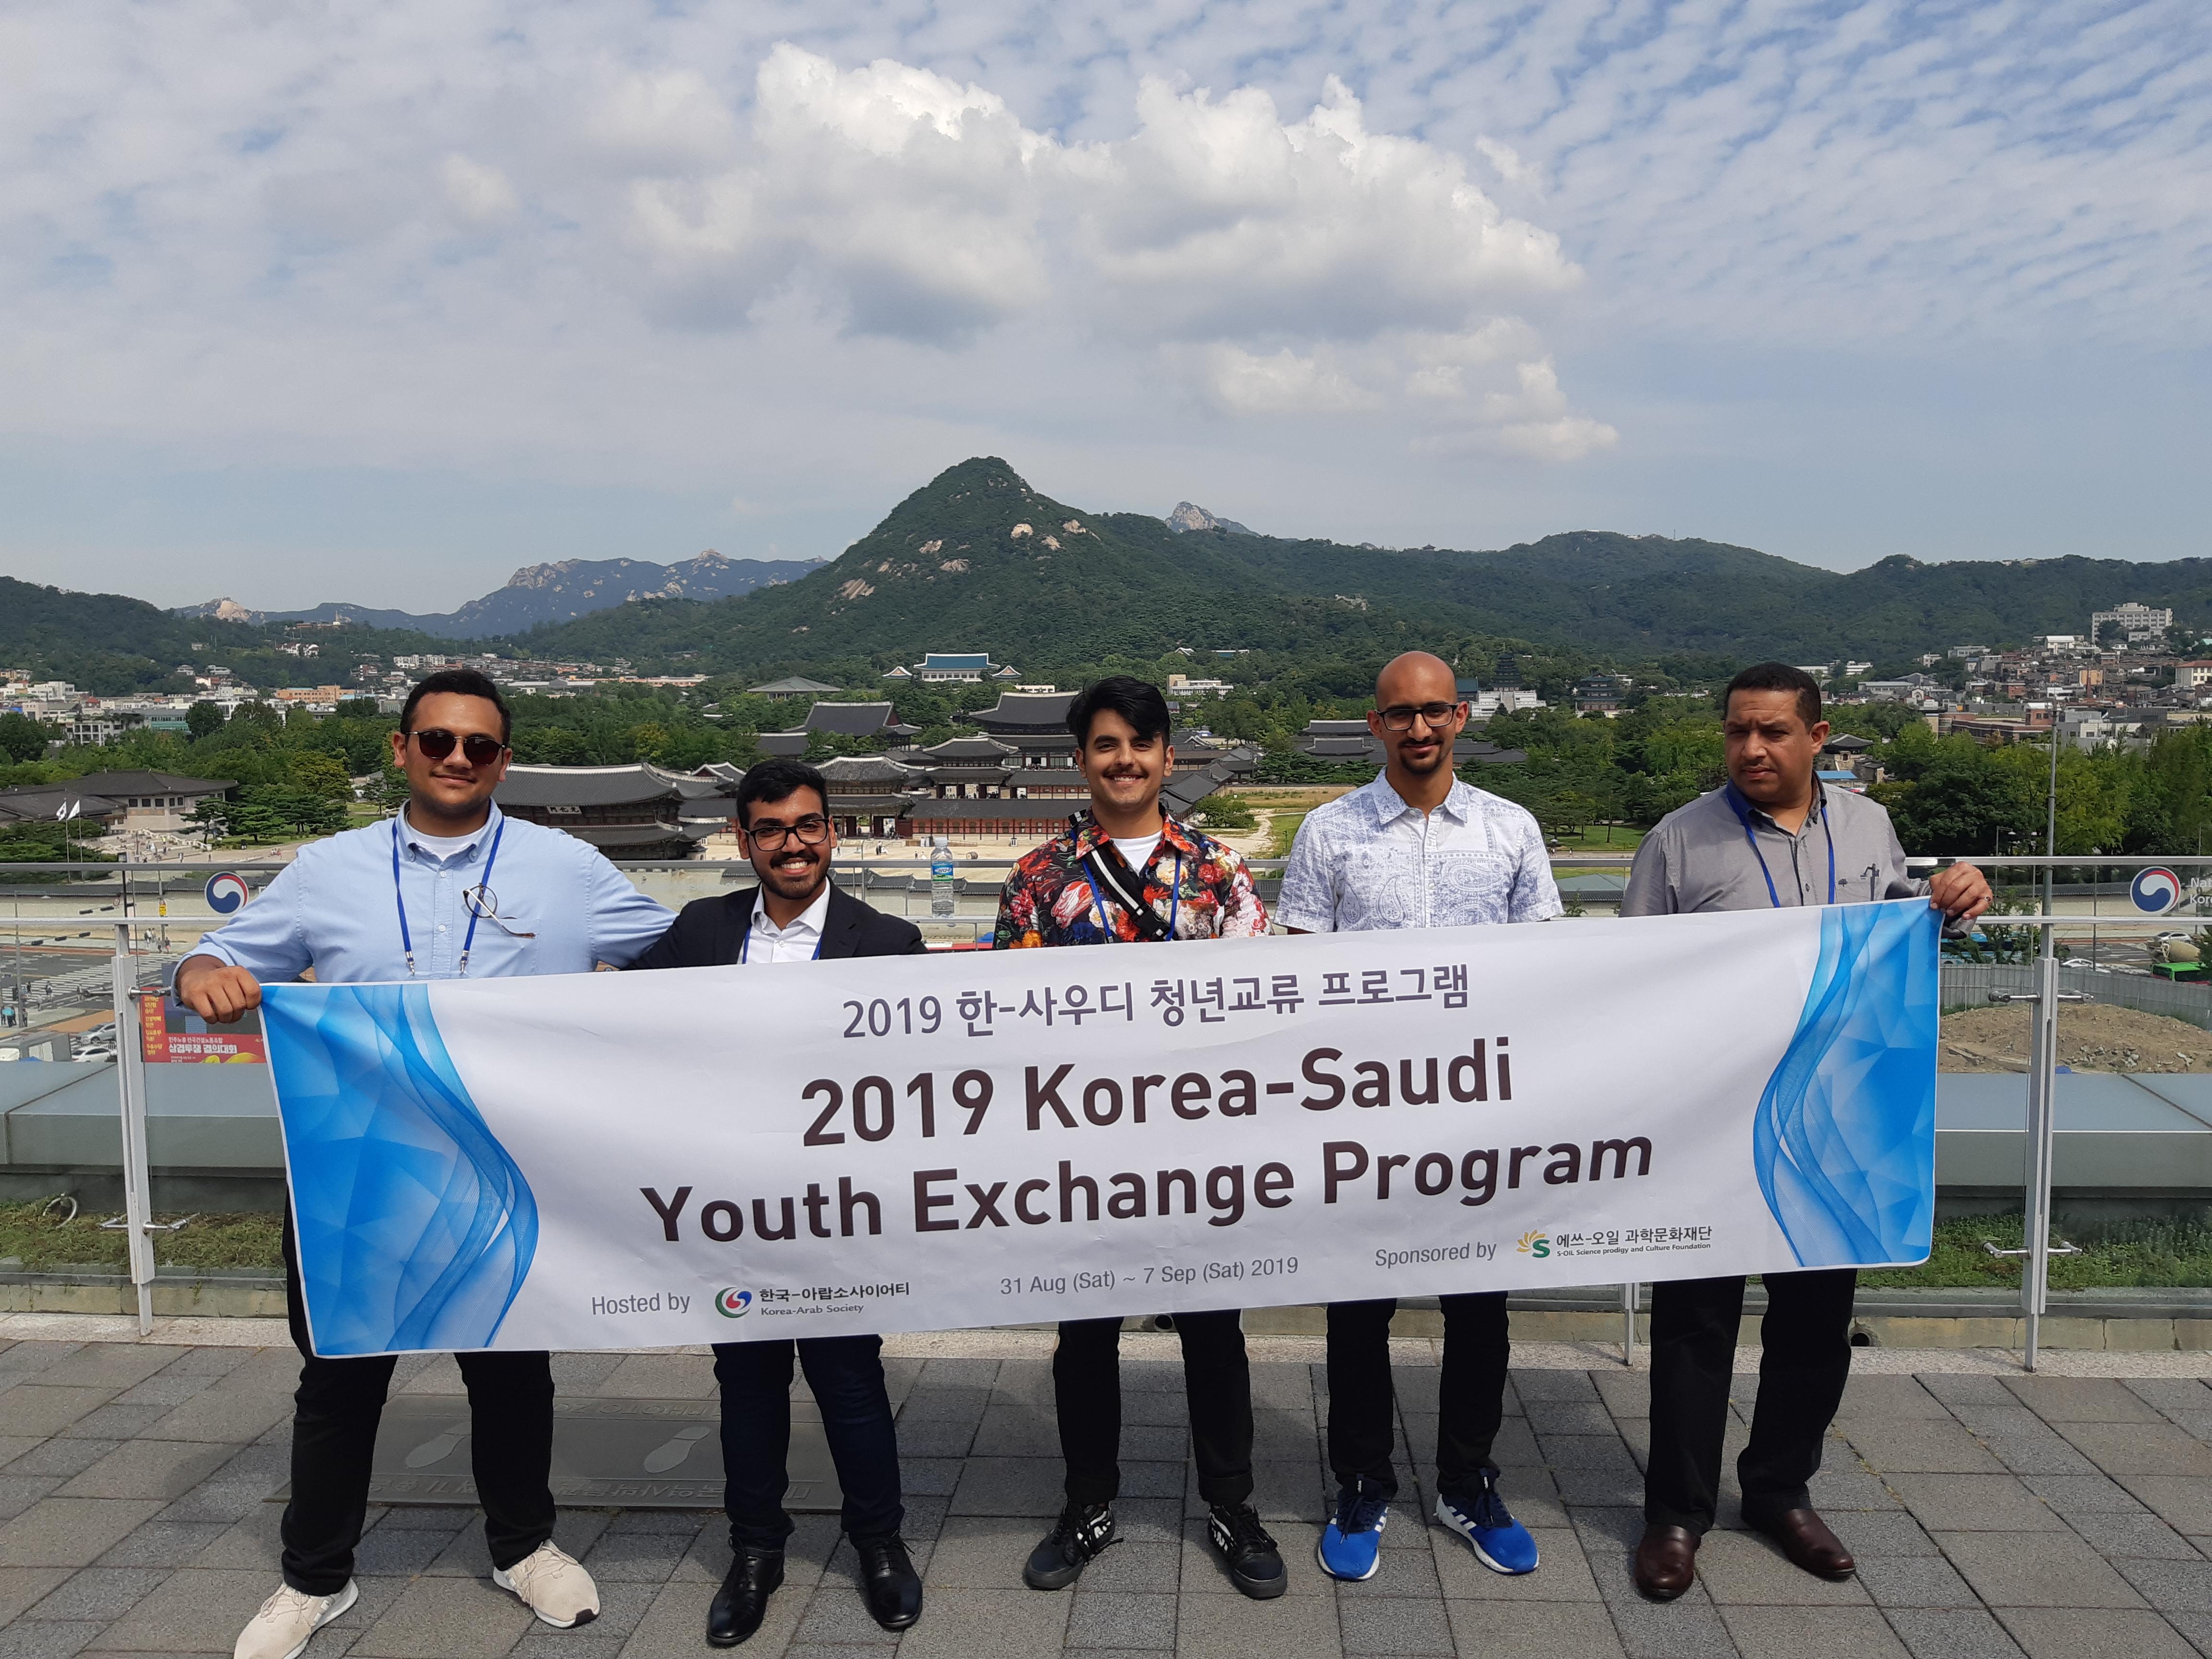 2019 Korea-Saudi Youth Exchange Program